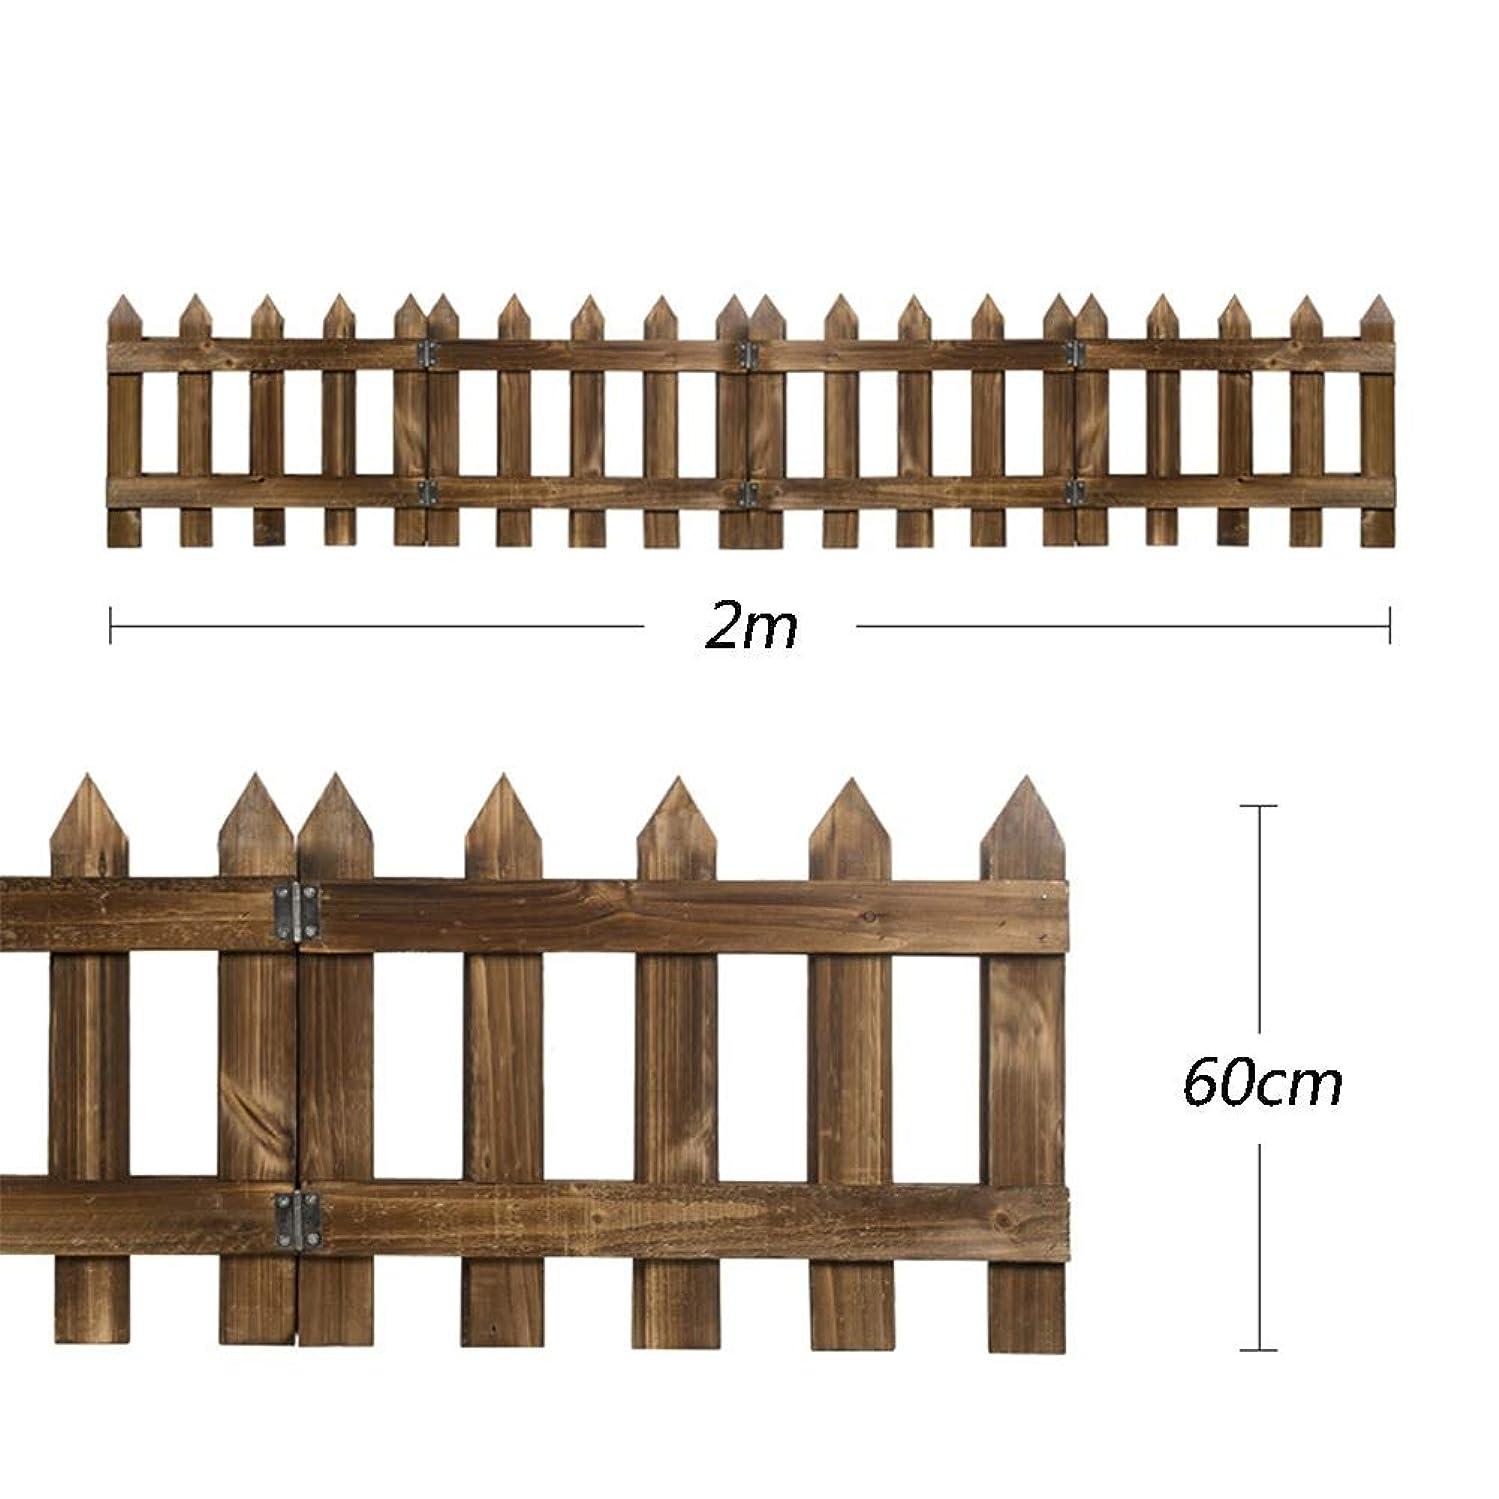 徴収タイプマラウイJIANFEI 木製 ボーダーフェンス デコレーション 庭のバリア 炭化 耐食性 配布3三脚 、12サイズ (色 : ブラス ぶらす, サイズ さいず : B-200x60cm)